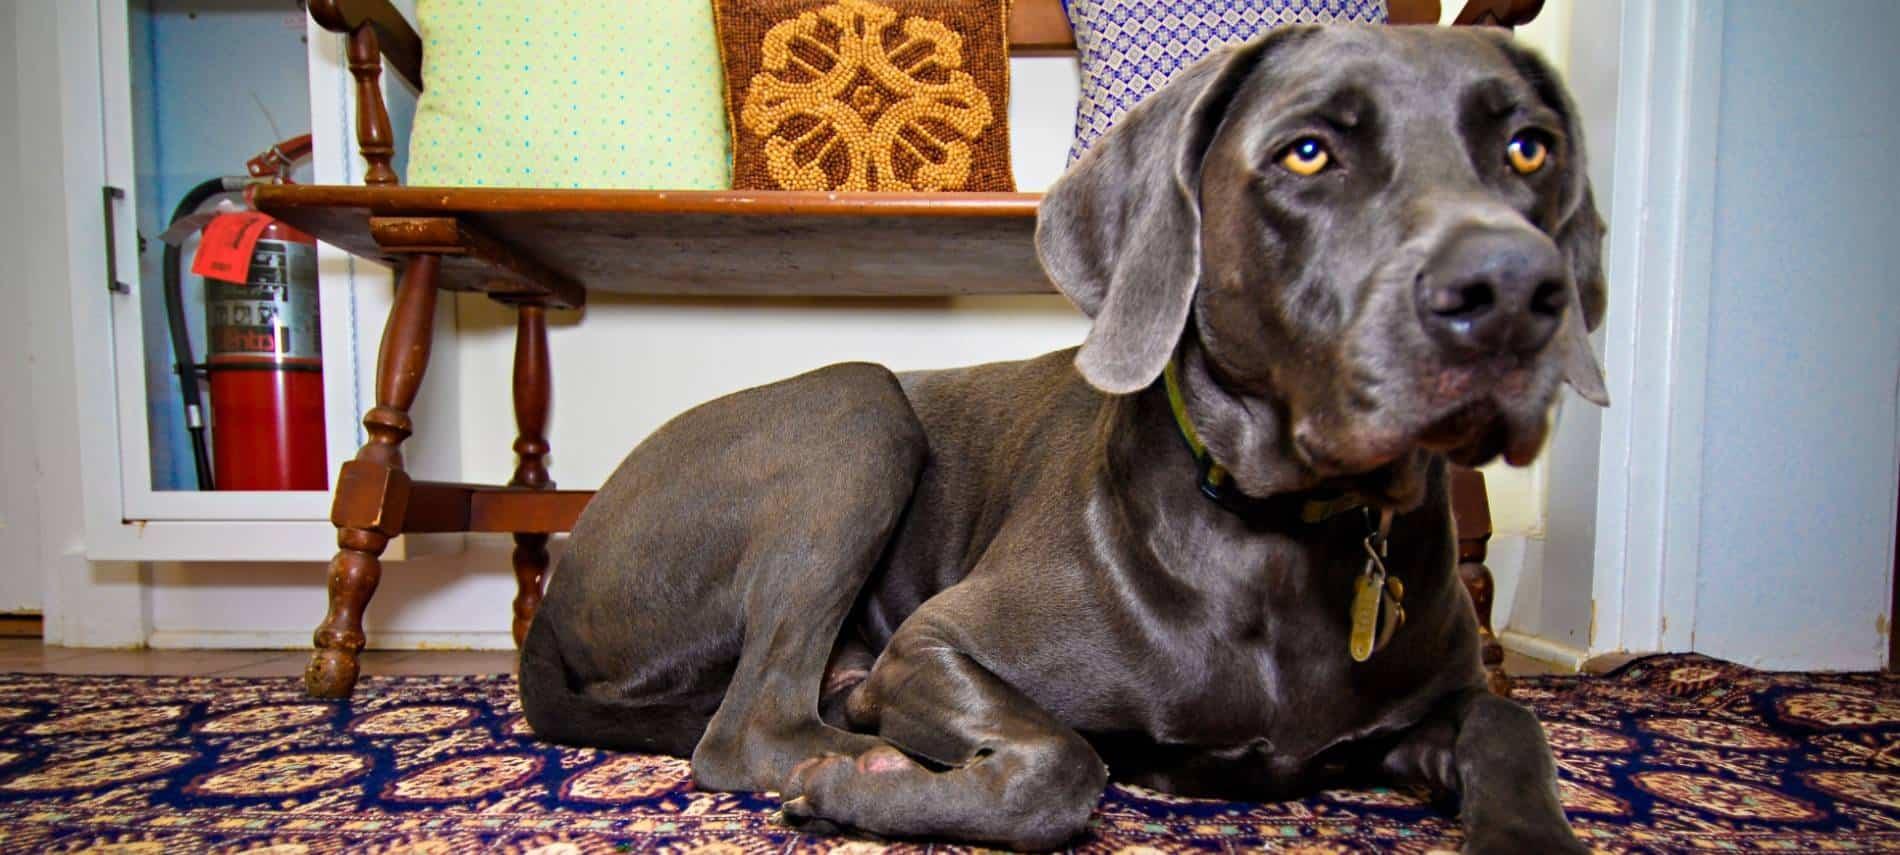 Large dog with shiny dark gray coat laying on rug on hardwood floor